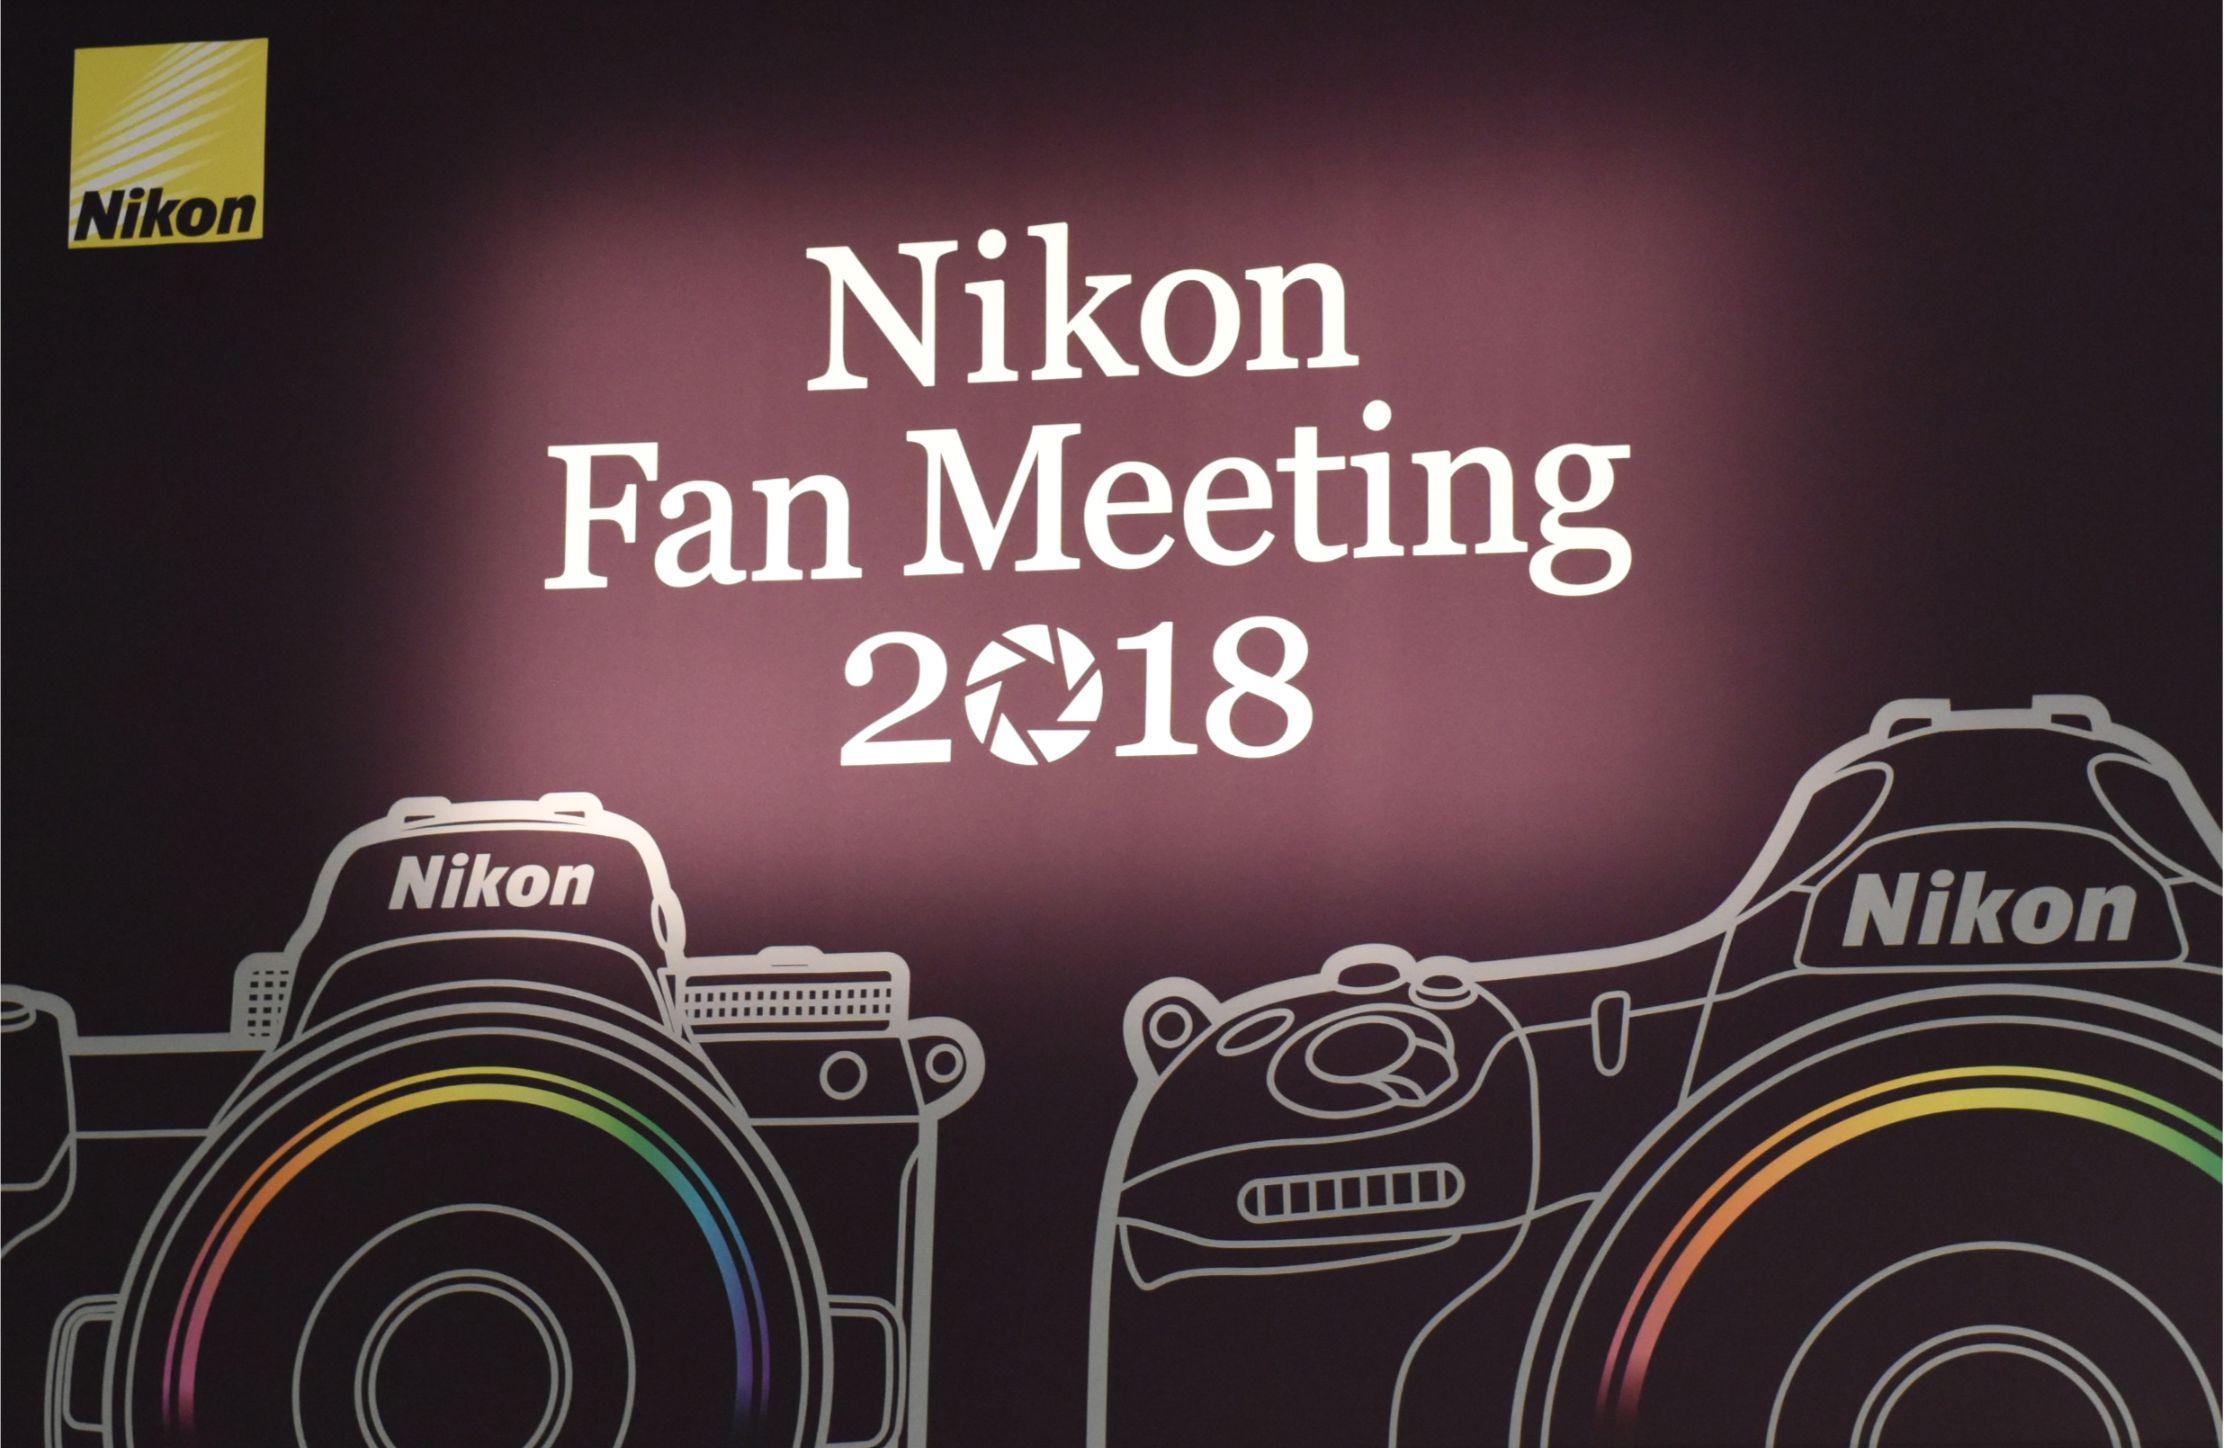 ニコンファンミーティングin仙台2018